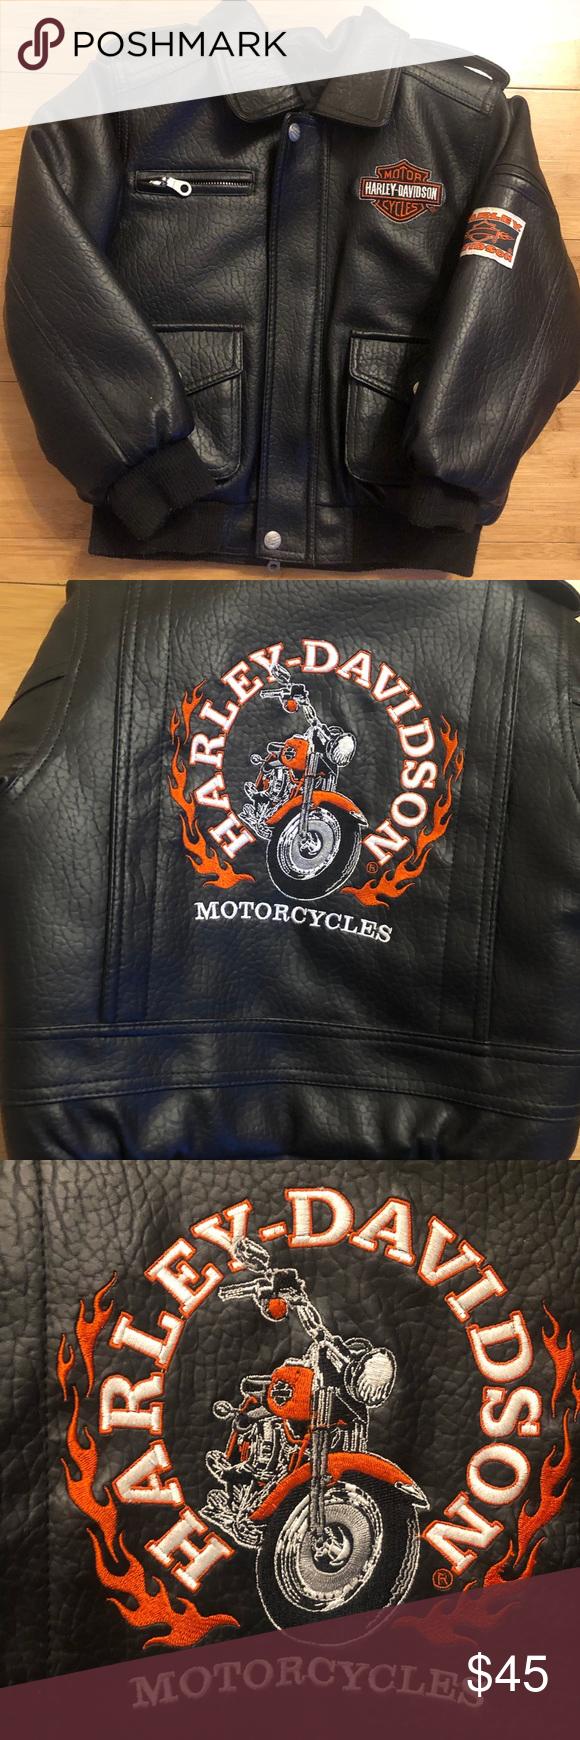 Harley Davidson Kids Leather Jacket Kids Leather Jackets Harley Davidson Kids Leather Jacket [ 1740 x 580 Pixel ]